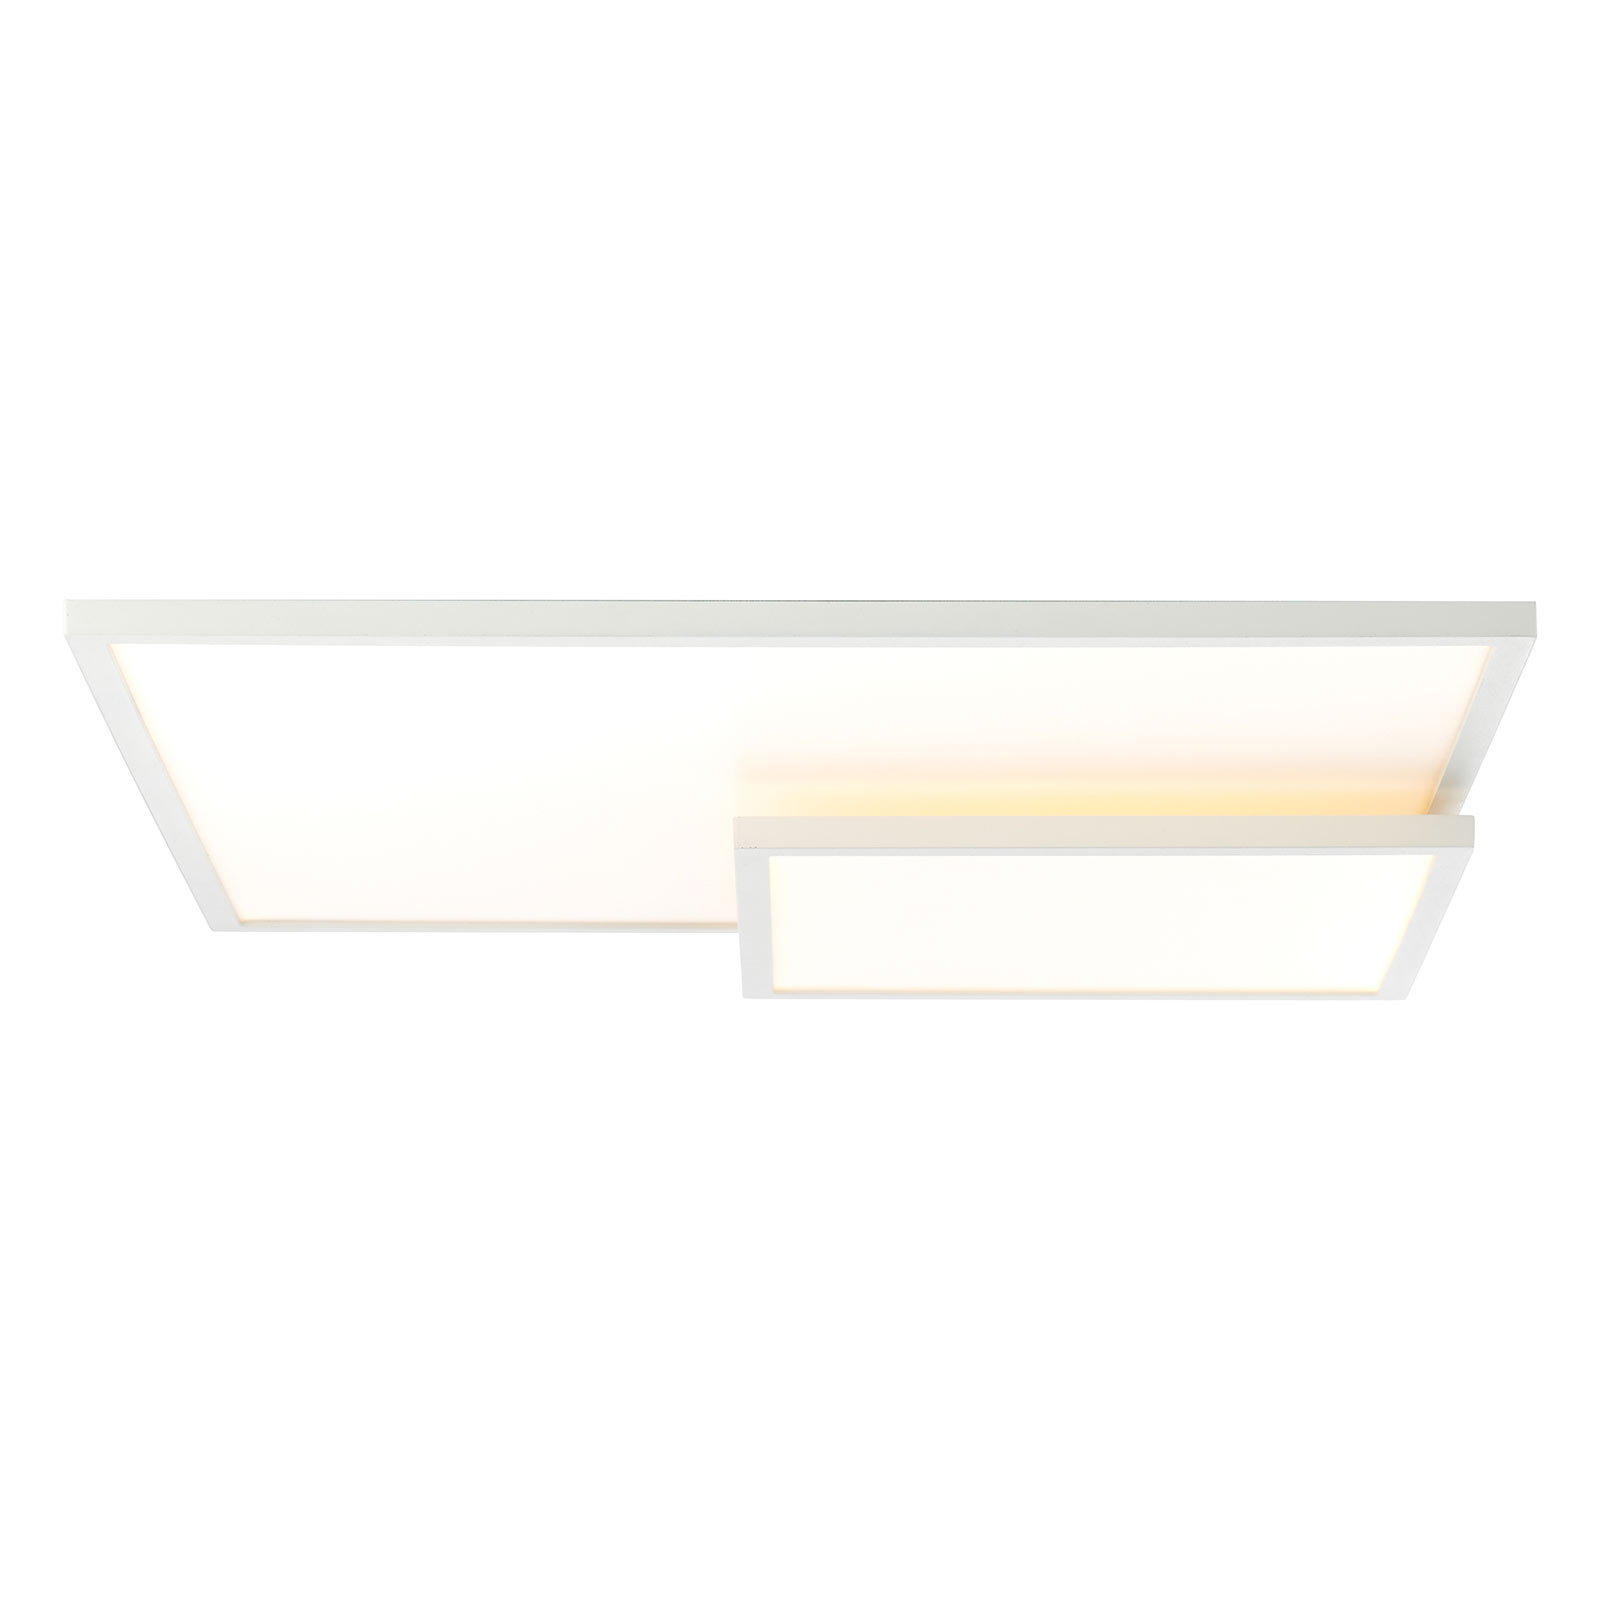 Plafonnier LED Bility, longueur 62cm cadre blanc